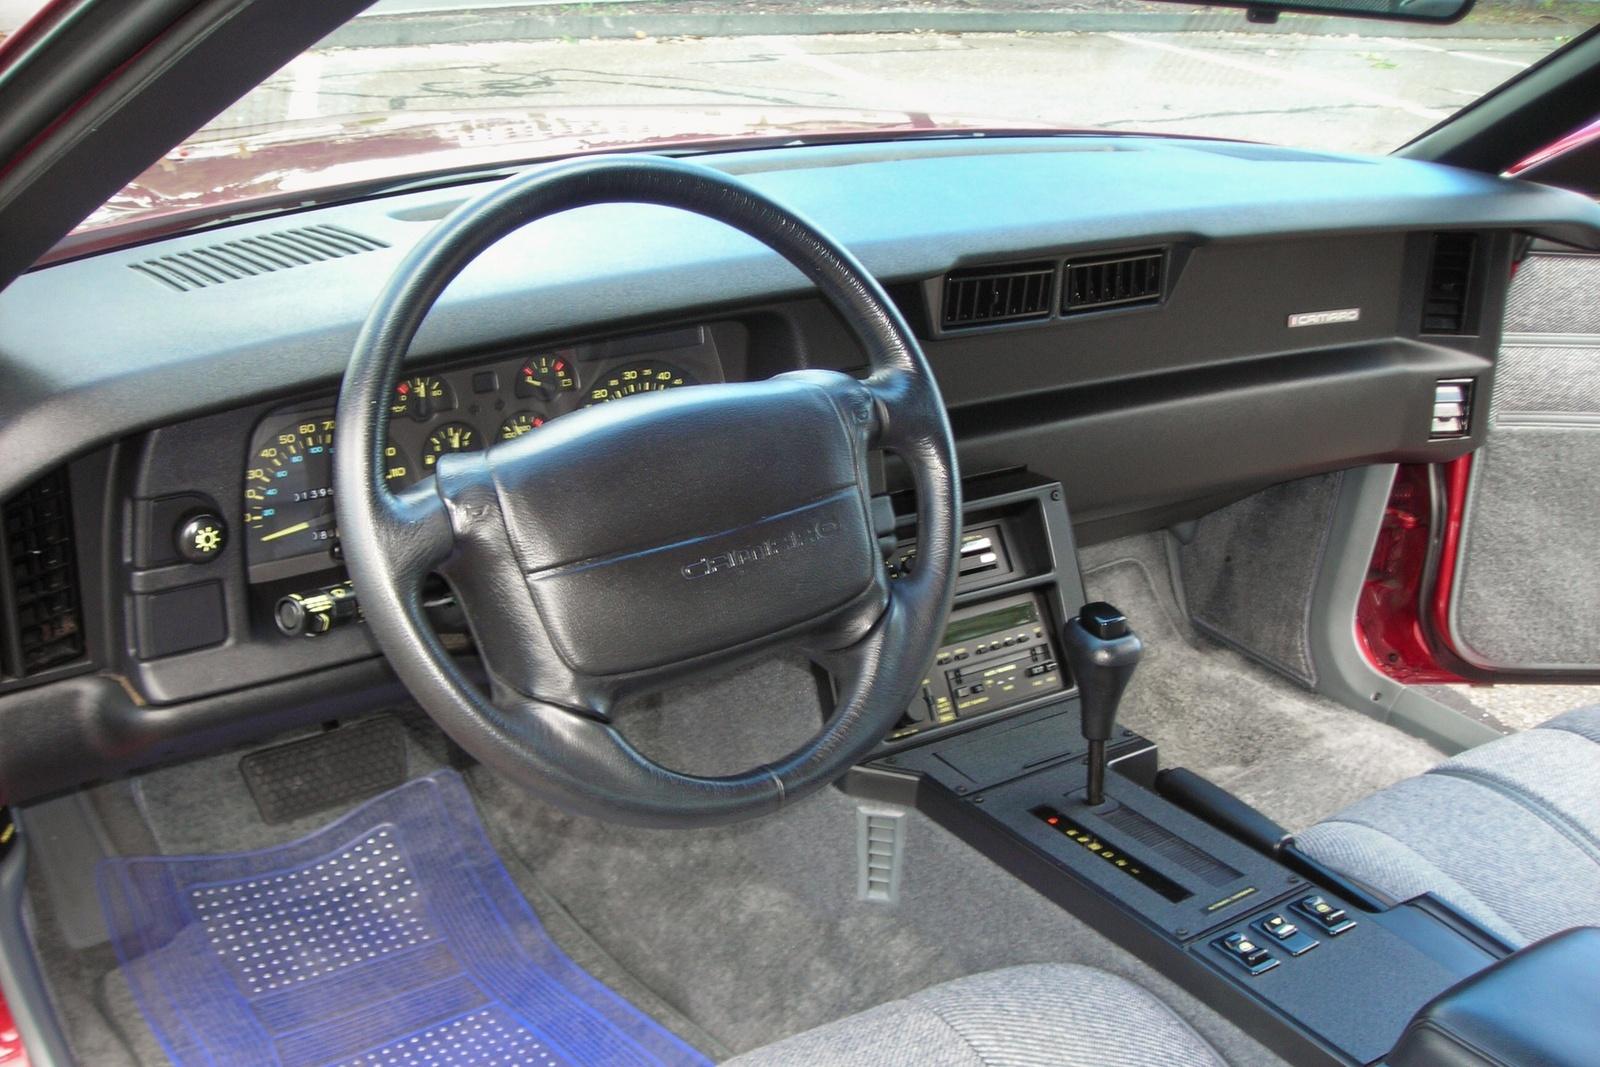 1991 chevrolet camaro interior pictures cargurus